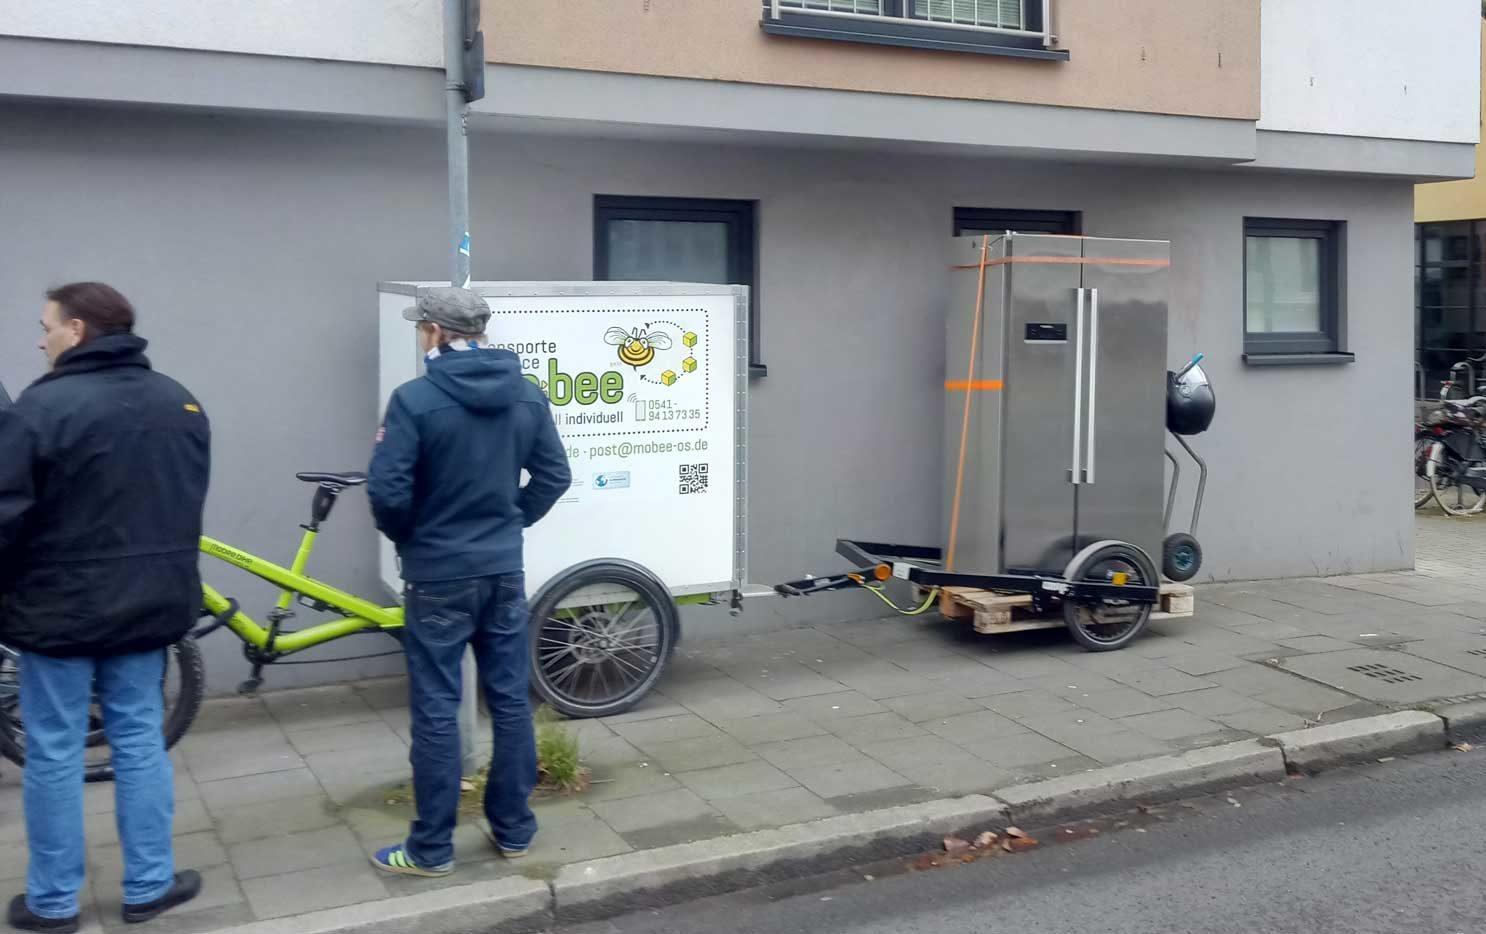 Ümzüge mit dem Lastenrad sind praktisch – wir fahren direkt vor die Tür